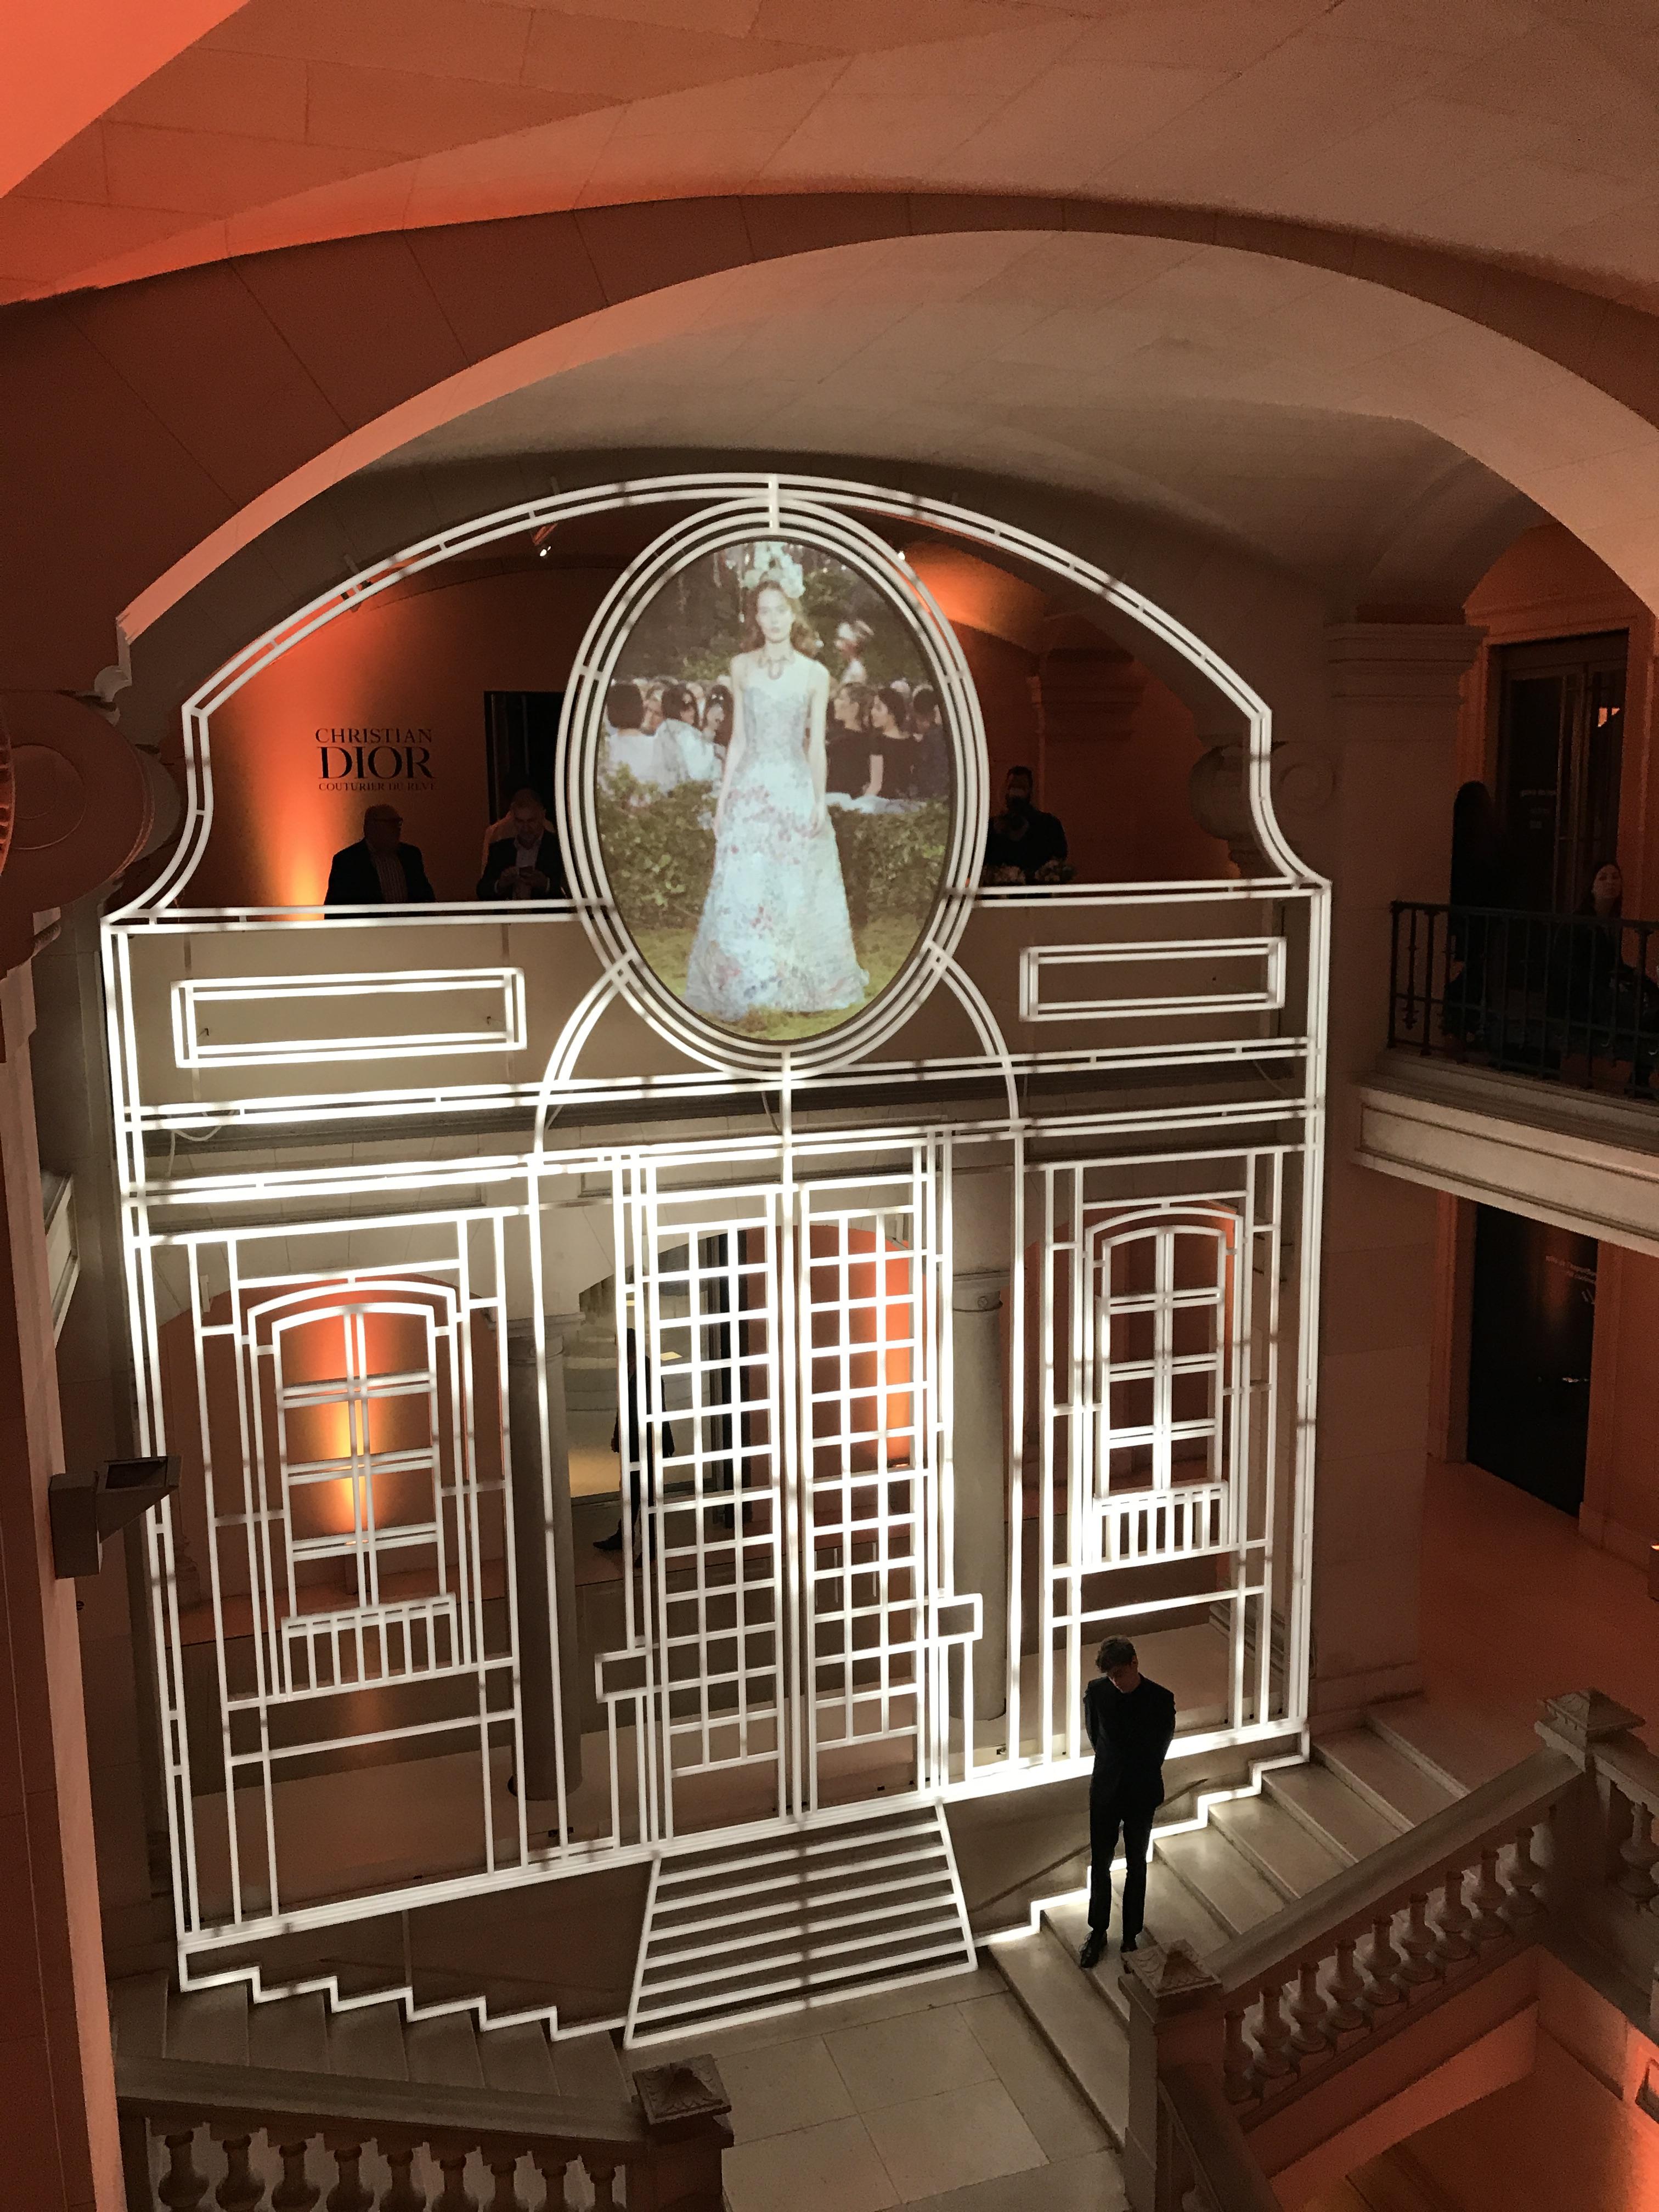 Maison Dior Paris Pour Les Ans De La Maison Dior Les Galeries